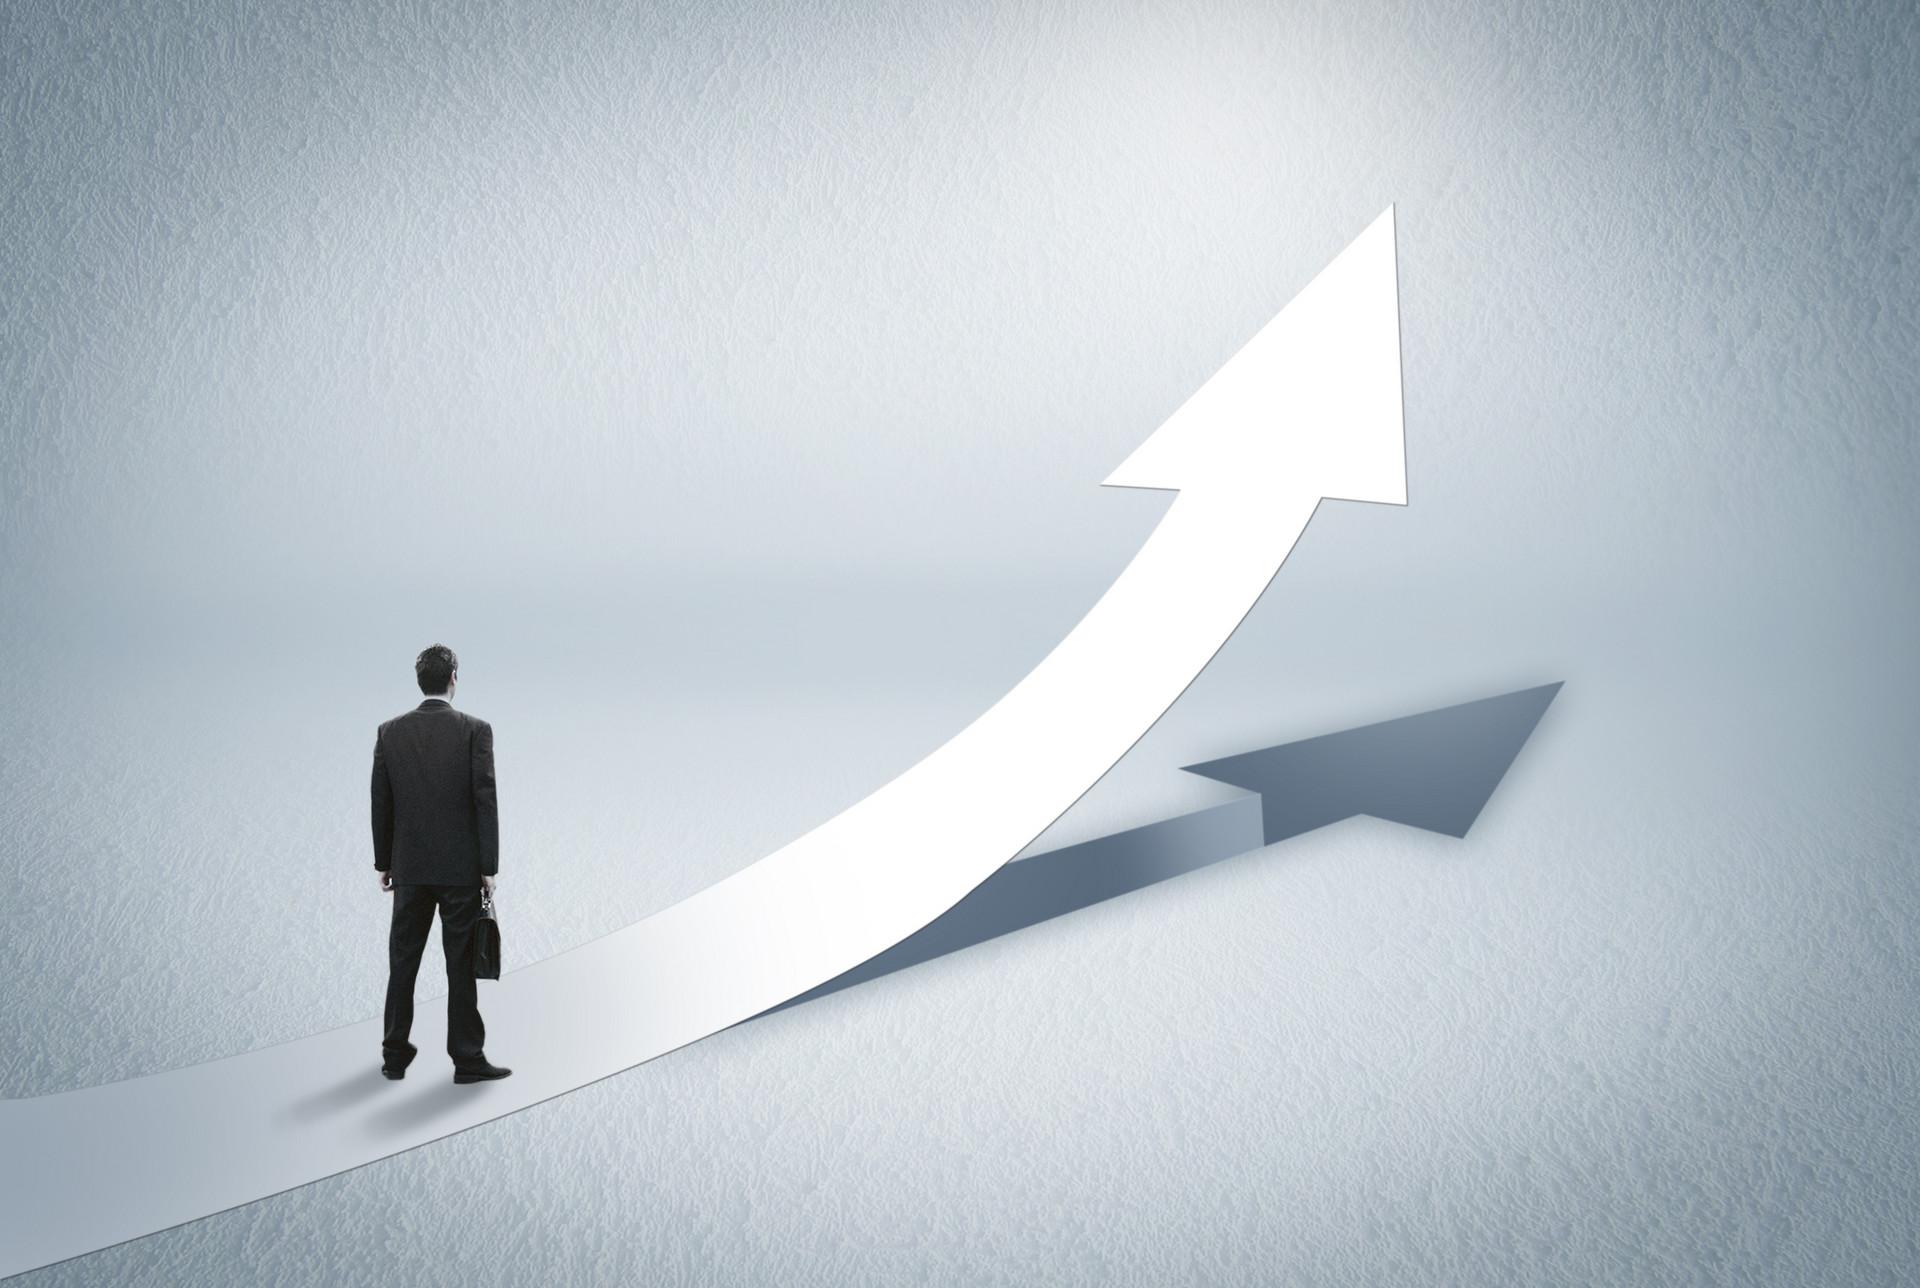 三大报精华摘要:改革持续深化 A股韧性渐强